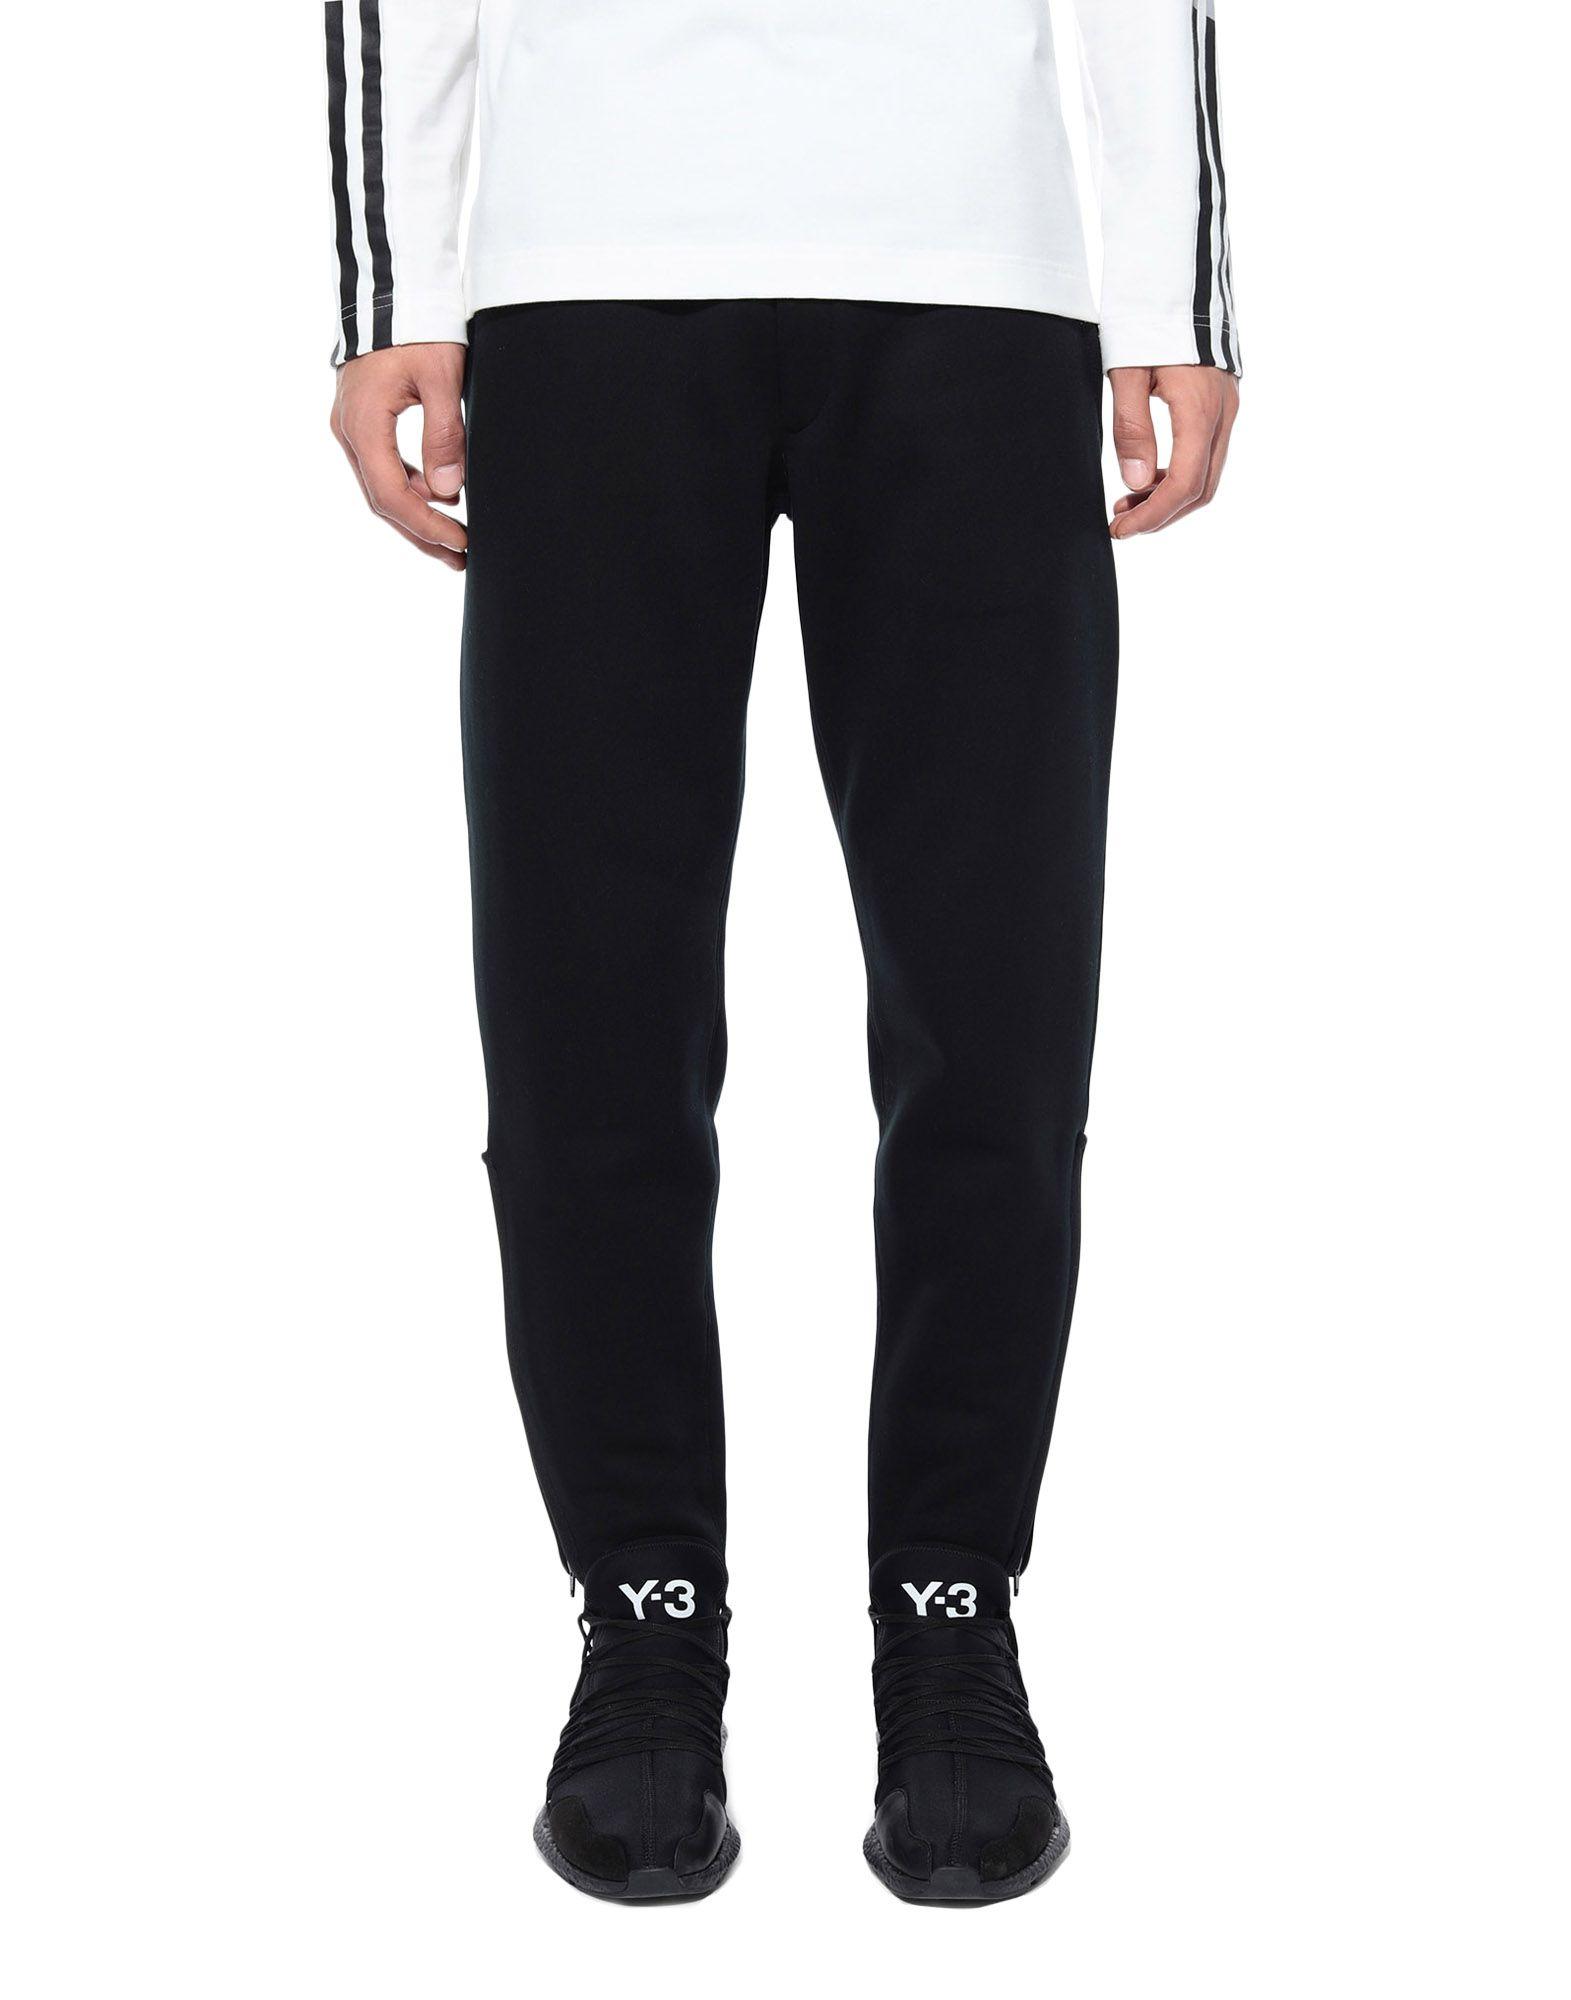 Y-3 Y-3 Binding Track Pants Track pant Man r